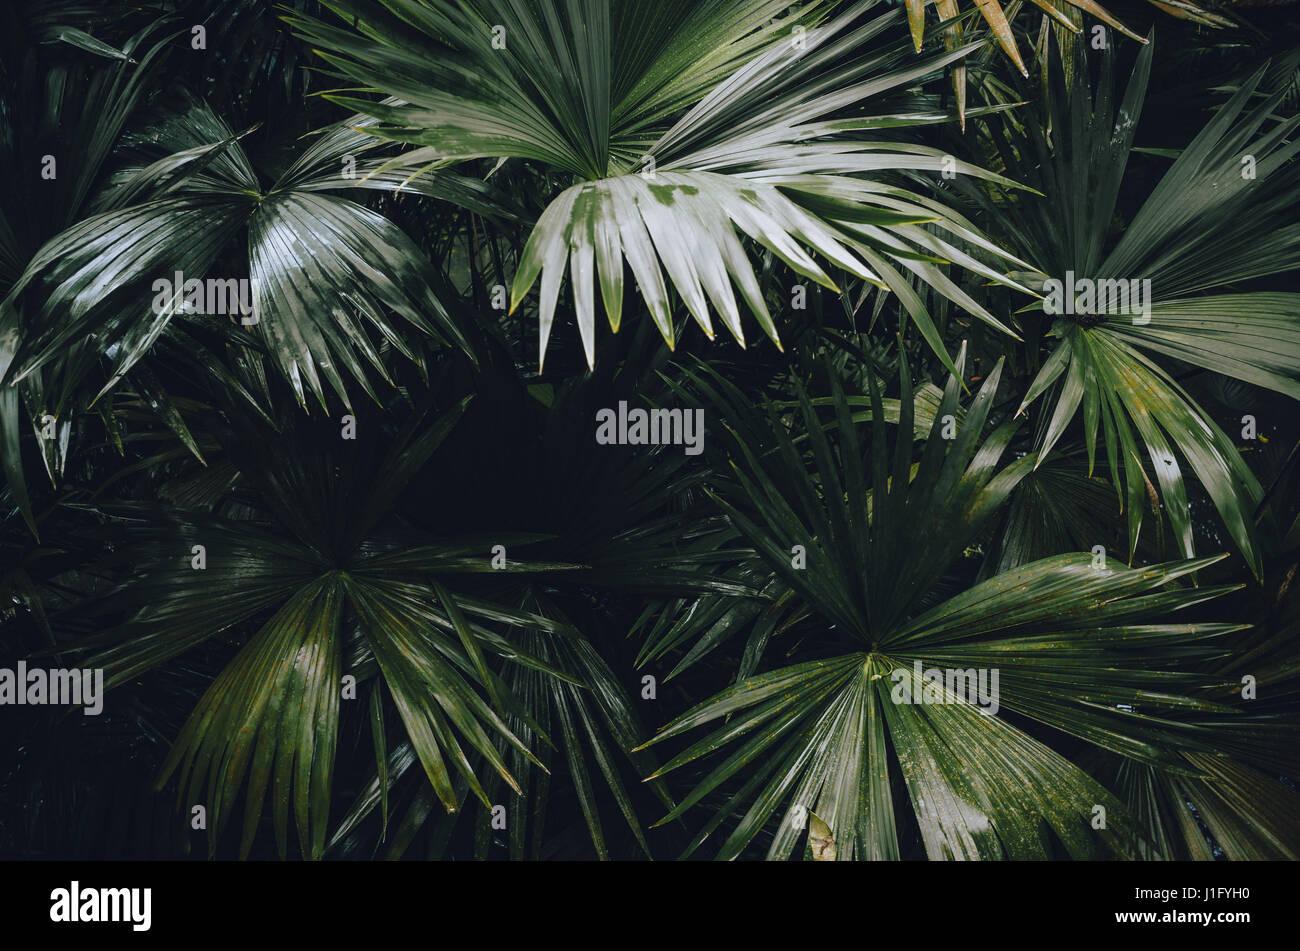 Las plantas en la selva amazónica cerca de Belém, Pará, Brasil Imagen De Stock